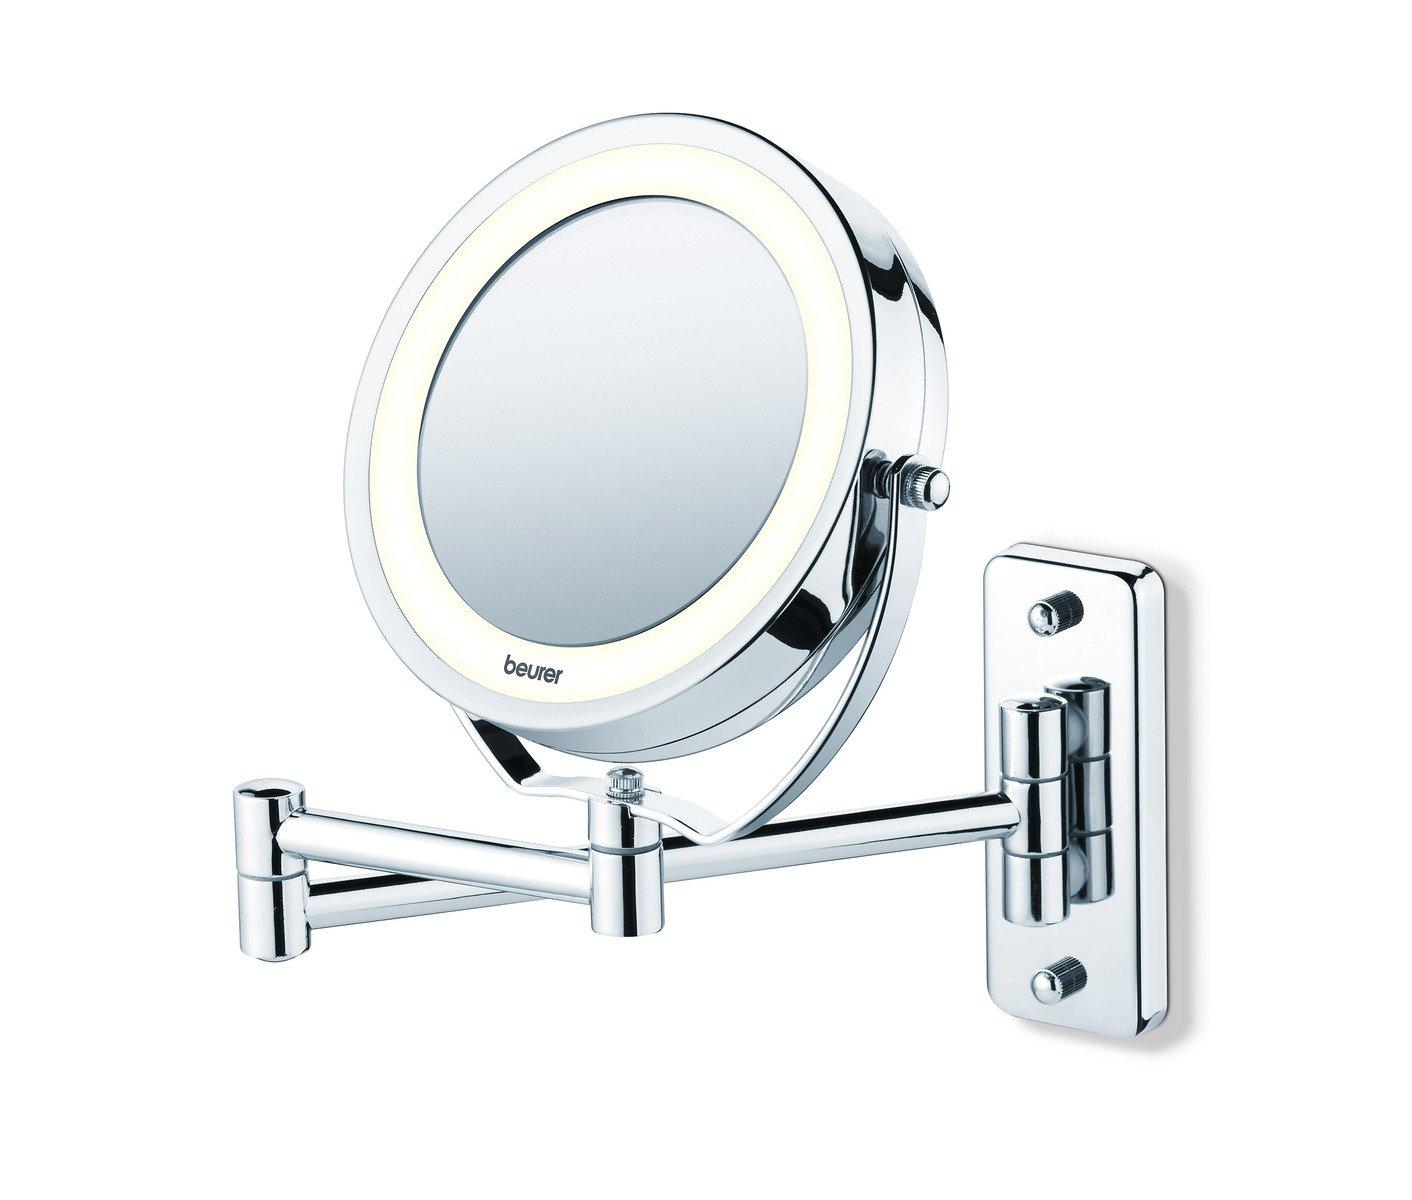 Beurer - BS 59 Cosmetic Mirror - 3 Years Warranty